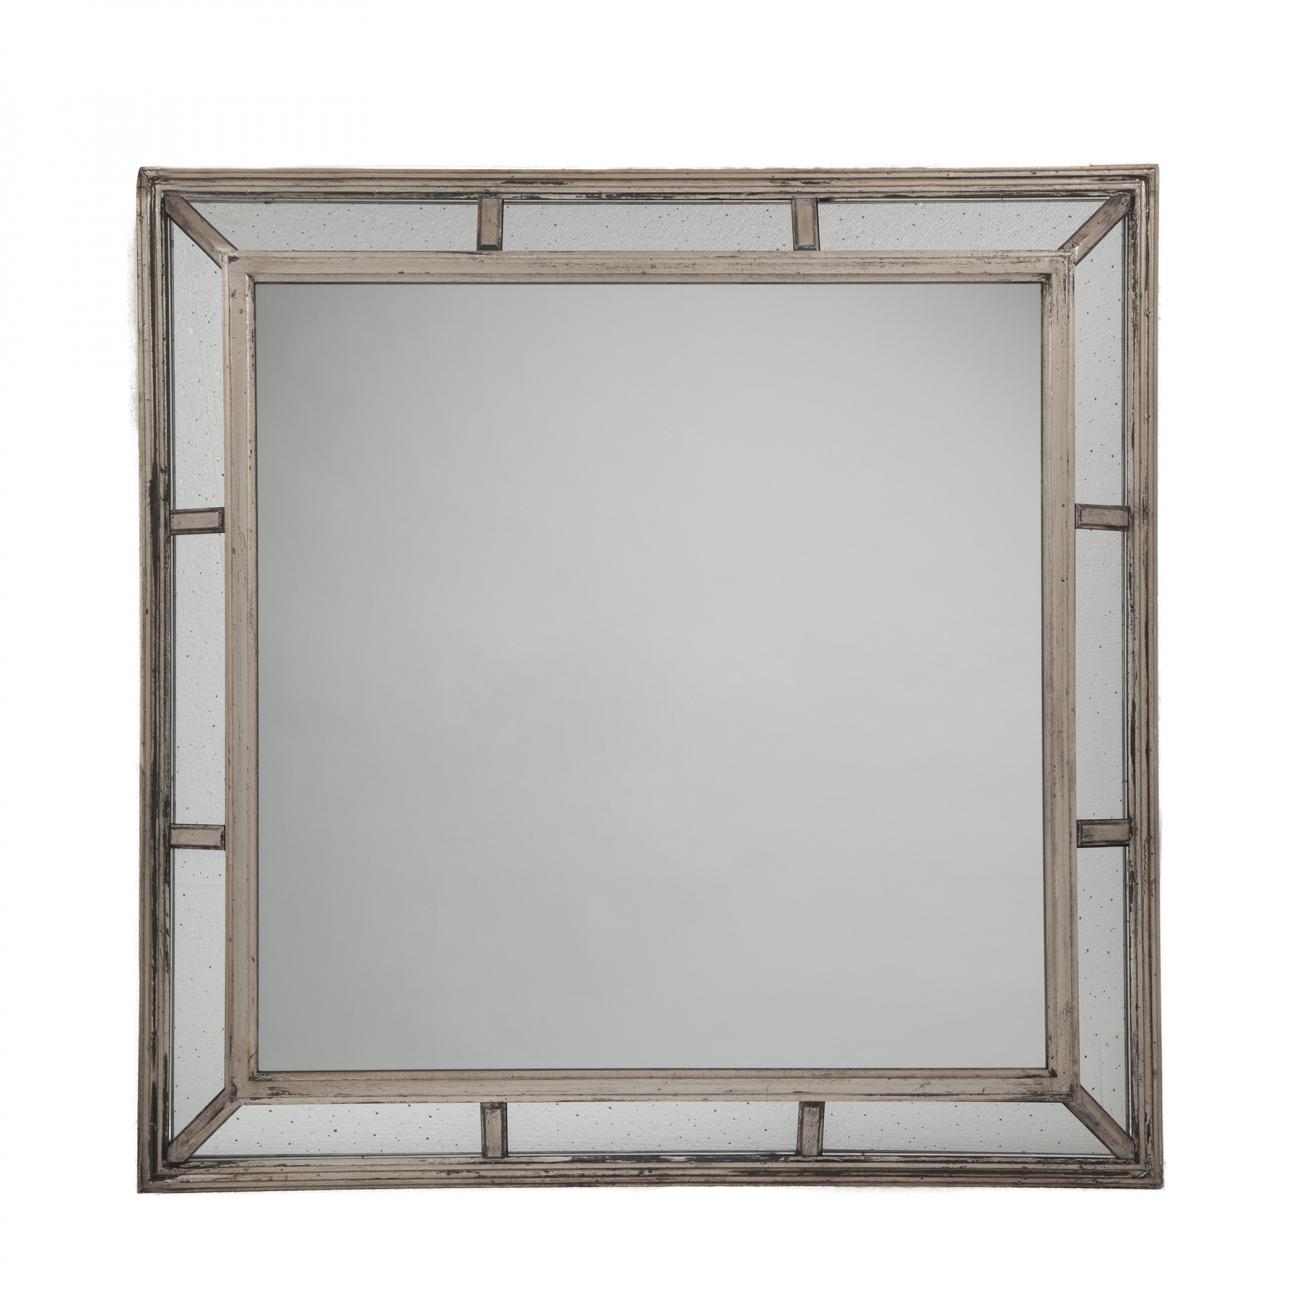 Купить Зеркало Erlin в интернет магазине дизайнерской мебели и аксессуаров для дома и дачи